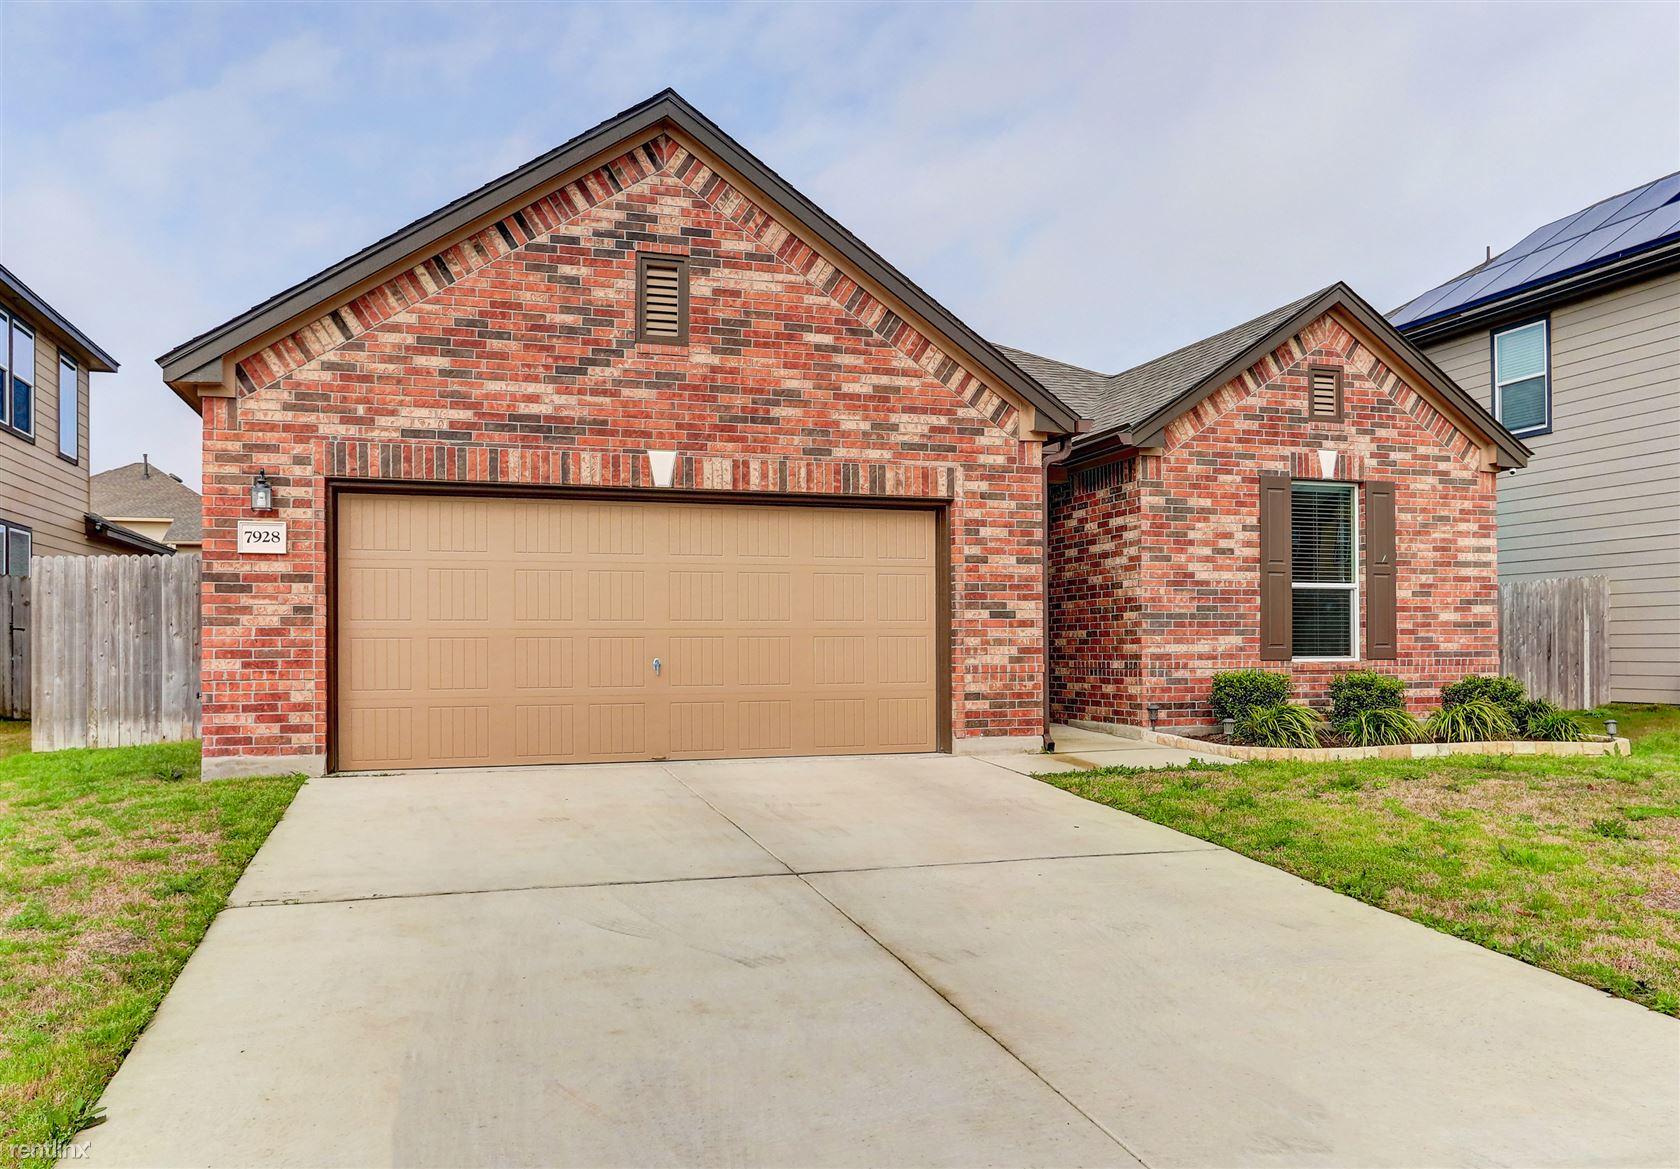 7928 Bassano Dr, Round Rock, TX - $1,825